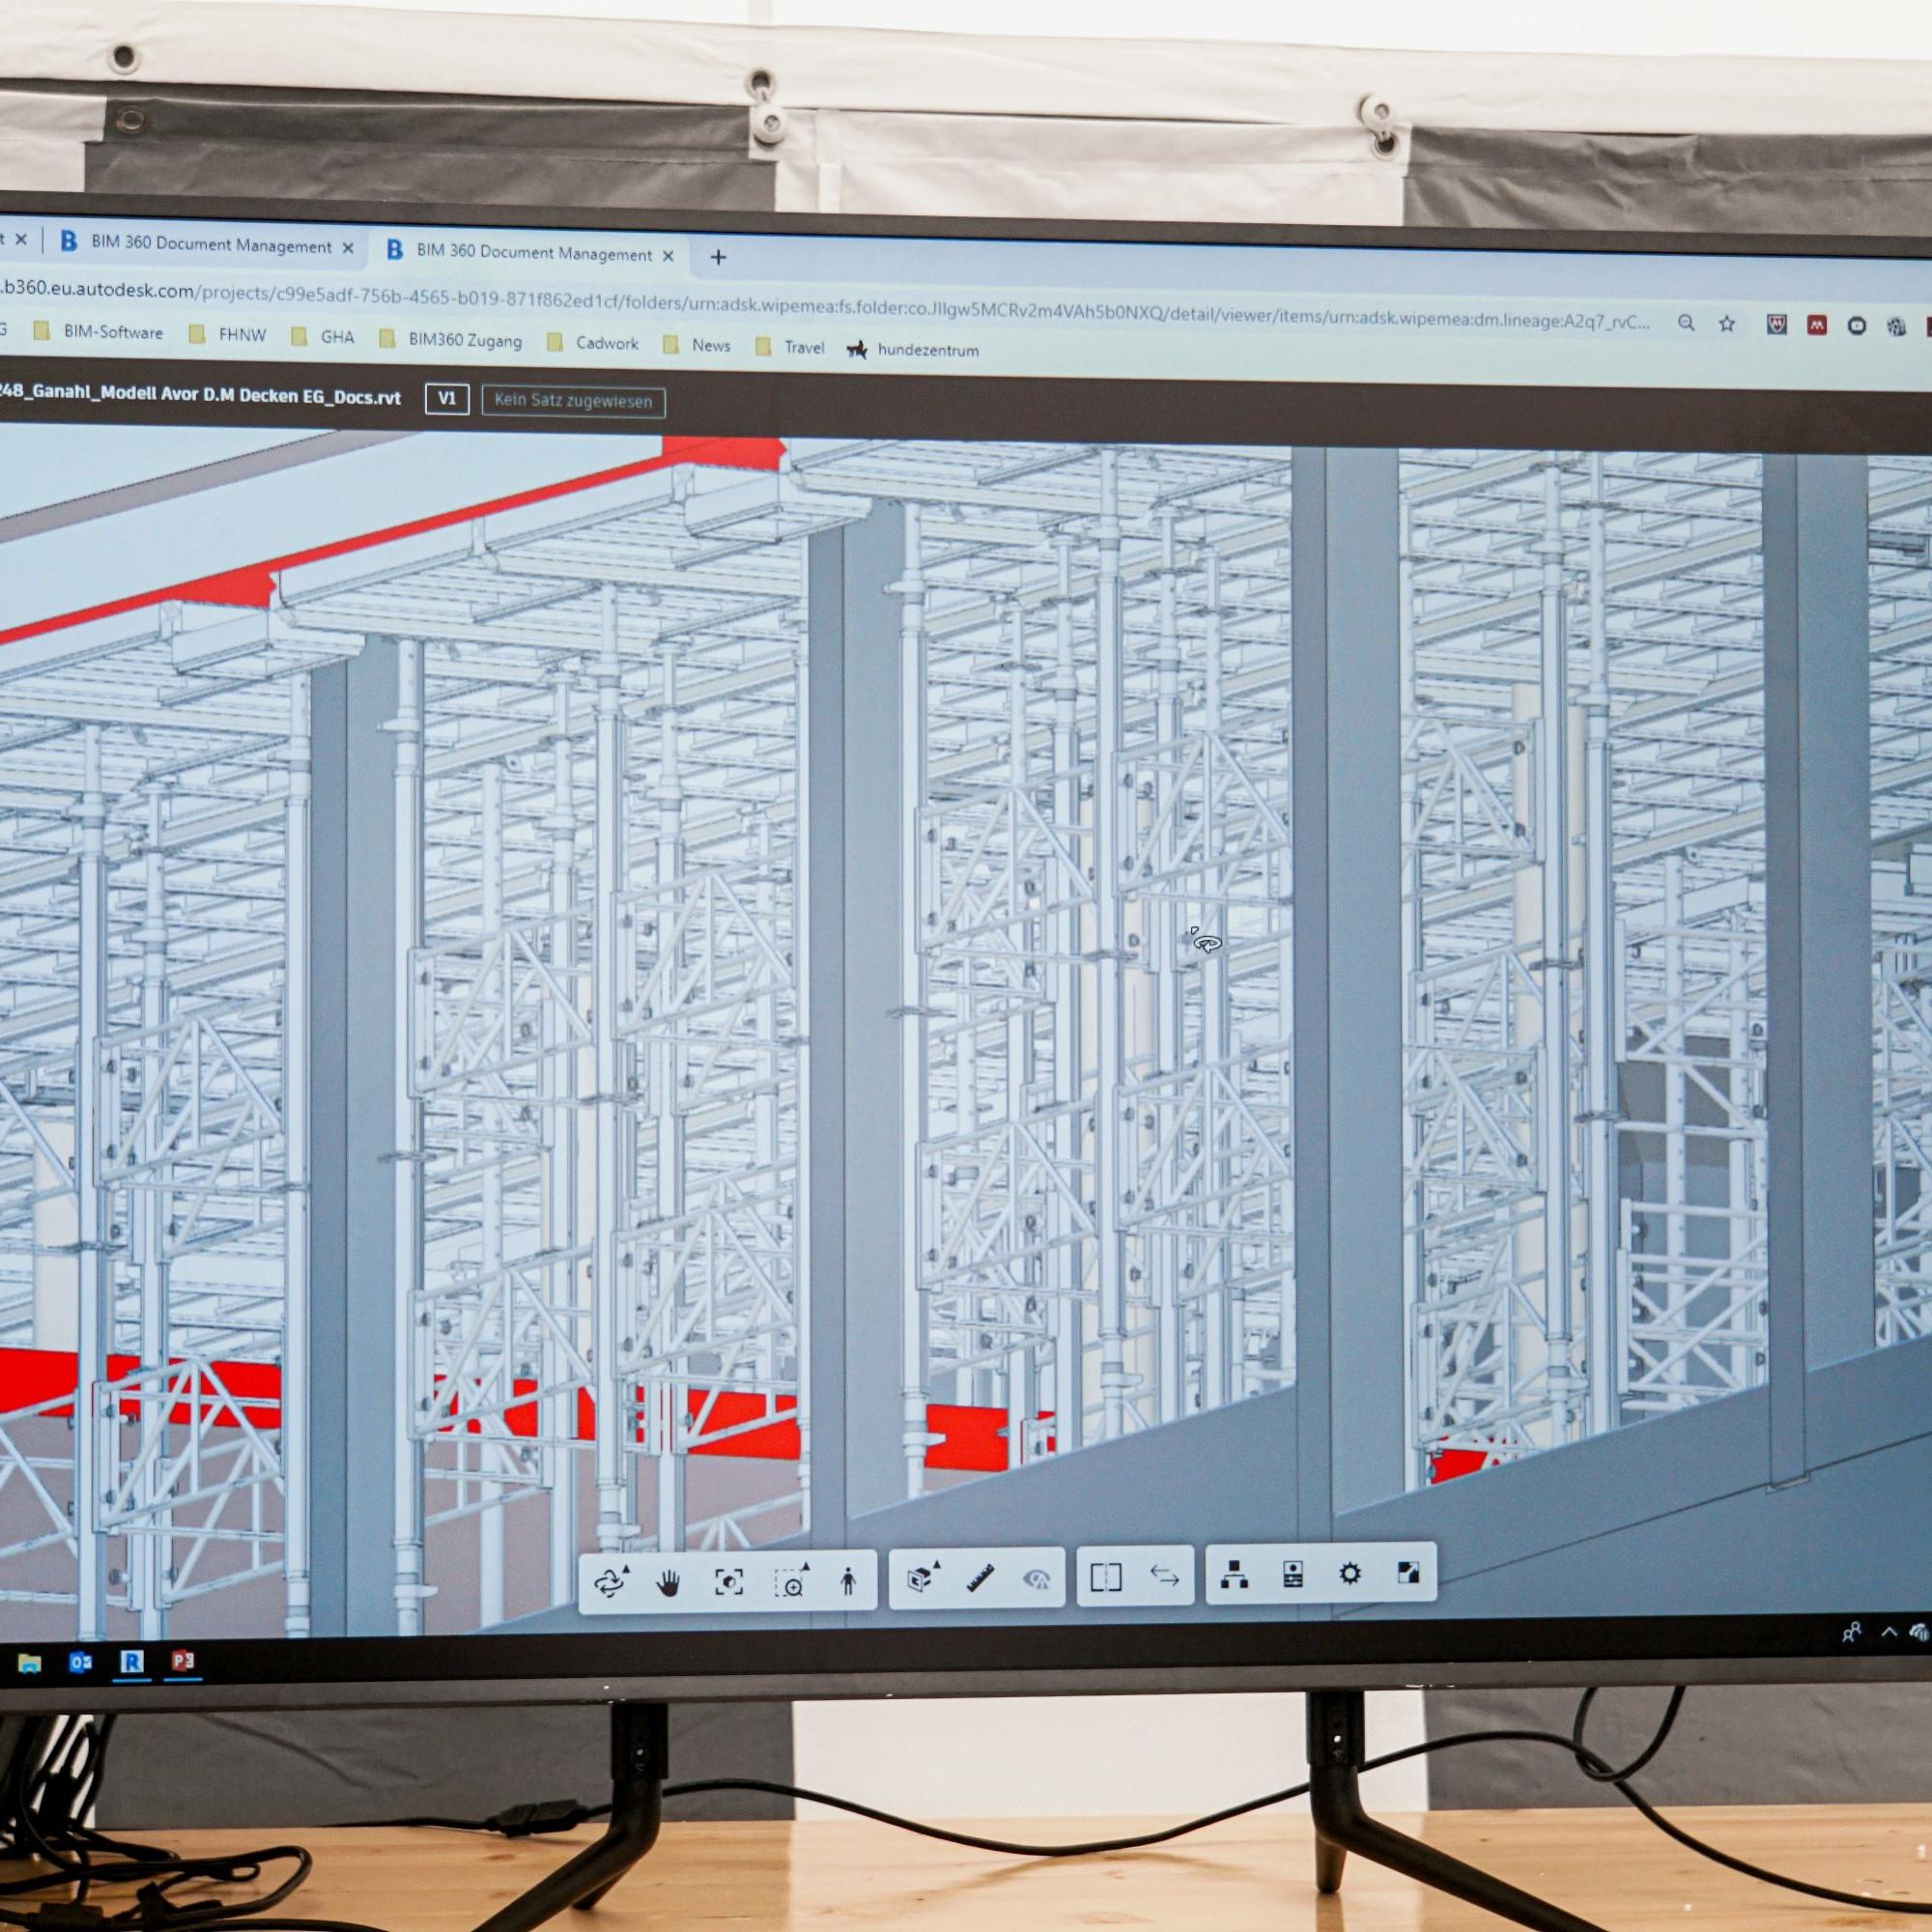 Das Modell der Deckenschalung für ein Stockwerk lässt erahnen, wie anspruchsvoll die modellbasierte Arbeitsvorbereitung für Polier Dominic Mozzetti ist.